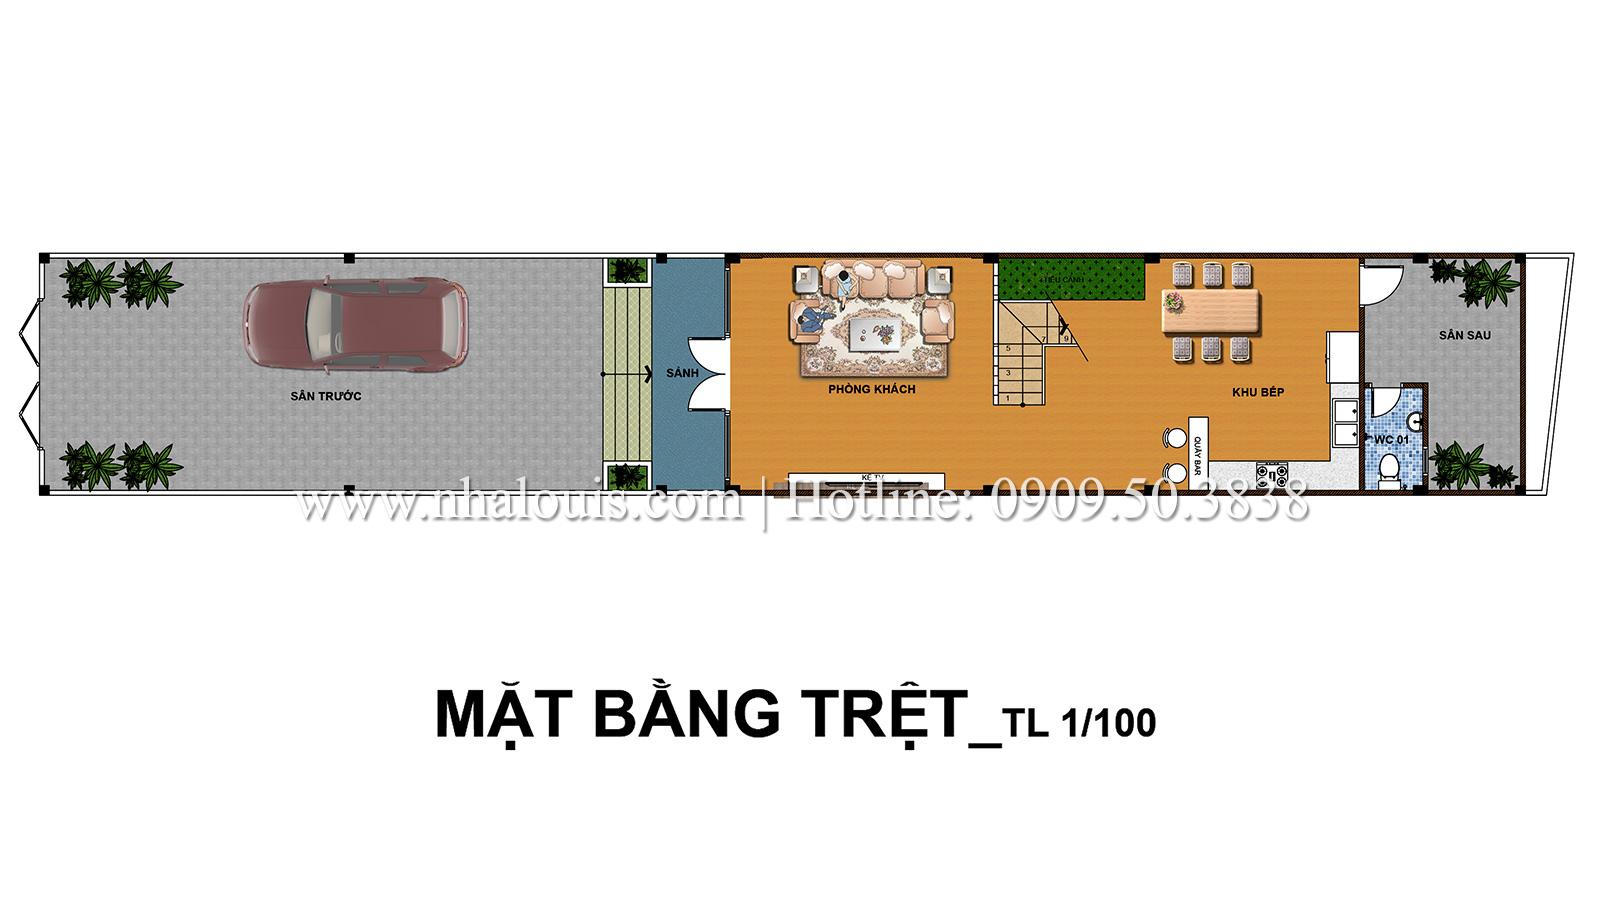 Ngôi nhà phố ở Quận 7 theo xu hướng mới với kiến trúc tân cổ điển - 02